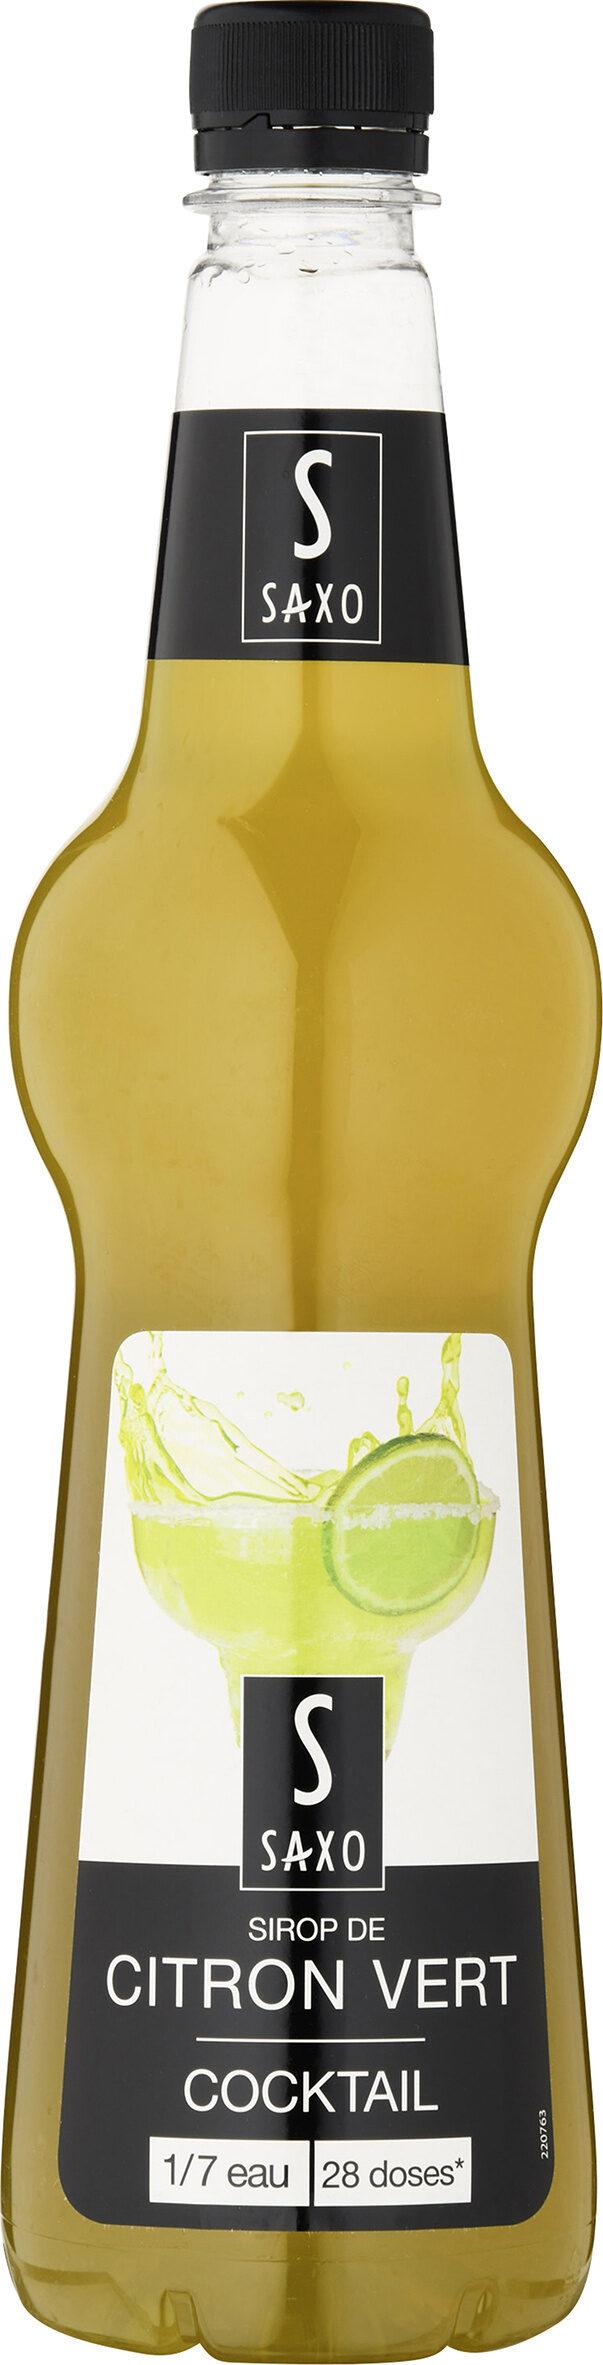 Sirop citron vert - Prodotto - fr